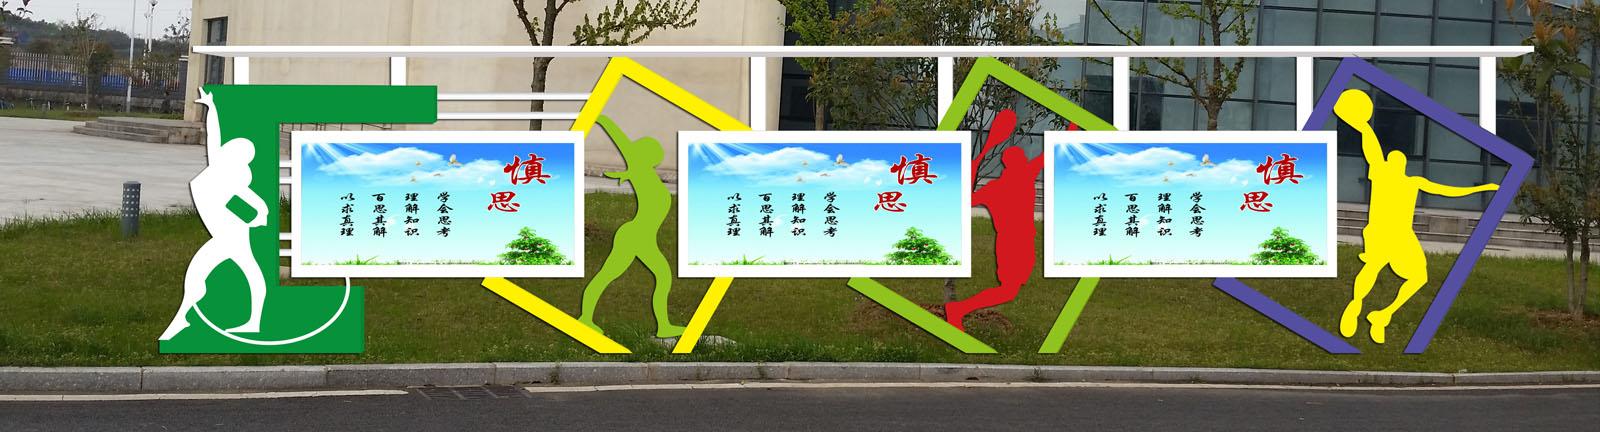 沈阳公交候车亭